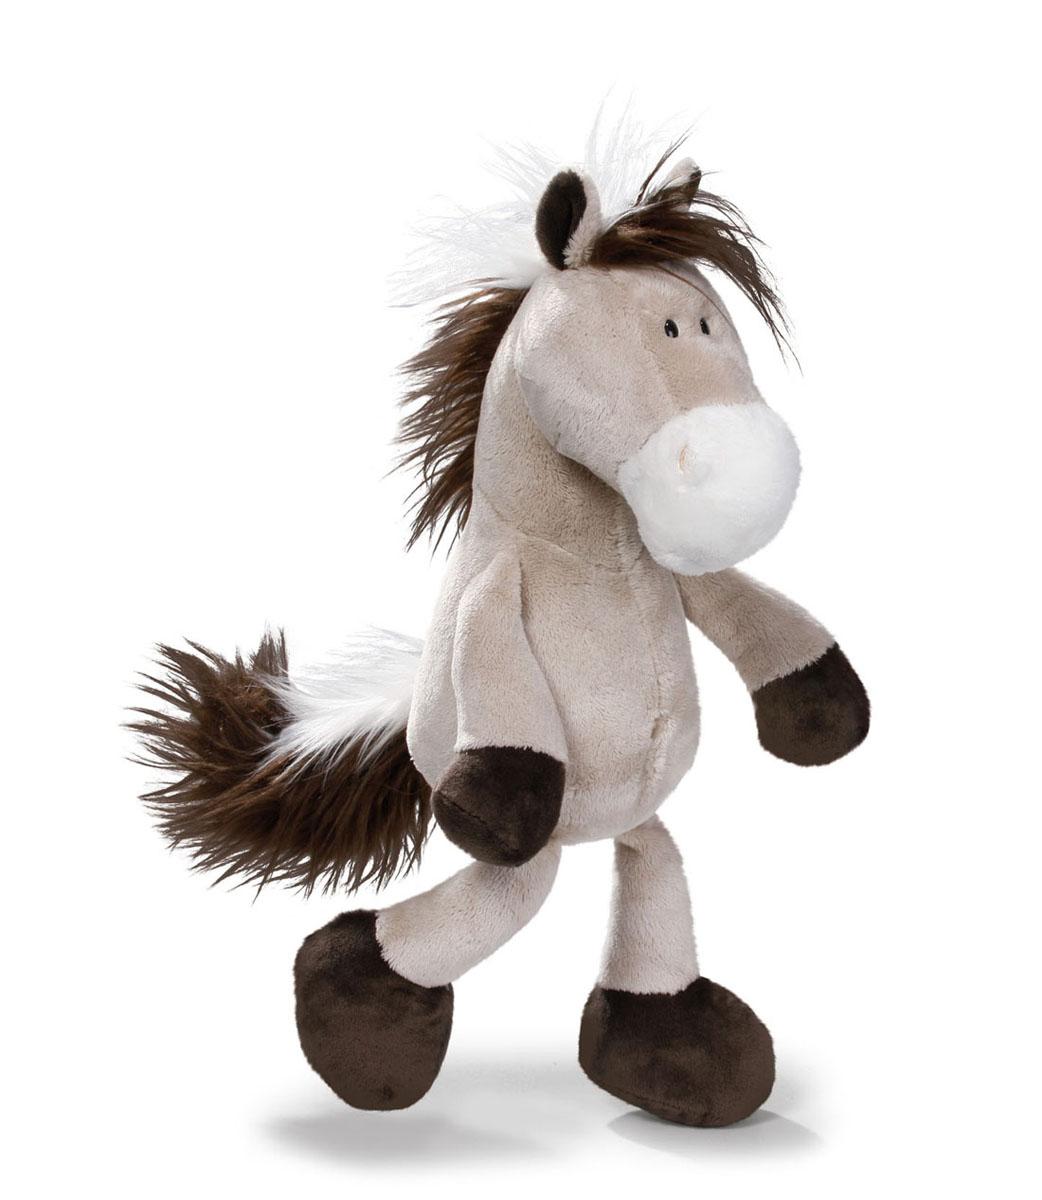 Мягкая игрушка Nici Лошадь, сидячая, цвет: серо-бежевый, 25 см36895Мягкая игрушка Nici Лошадь выполнена в виде симпатичной лошадки. Удивительно мягкая игрушка изготовлена из высококачественного текстильного материала с набивкой из синтепона и пластиковых гранул. Глазки у лошадки пластиковые. Игрушку можно посадить на ровную поверхность. Оригинальный стиль и великолепное качество исполнения делают эту игрушку чудесным подарком к любому празднику. Немецкая компания Nici является одним из лидеров на Европейском рынке мягких игрушек и подарков. Продукцию компании можно встретить везде: это и значок на школьном рюкзаке, и магнит на холодильнике, и поздравительная открытка, и мягкая игрушка, и автомобильный талисман. Игрушки Nici - это товары высочайшего качества и инновационного дизайна. Для создания всего одной игрушки работает большое количество людей и используется самое современное оборудование и технологии. И делается все это для того, чтобы добиться счастливых улыбок покупателей.